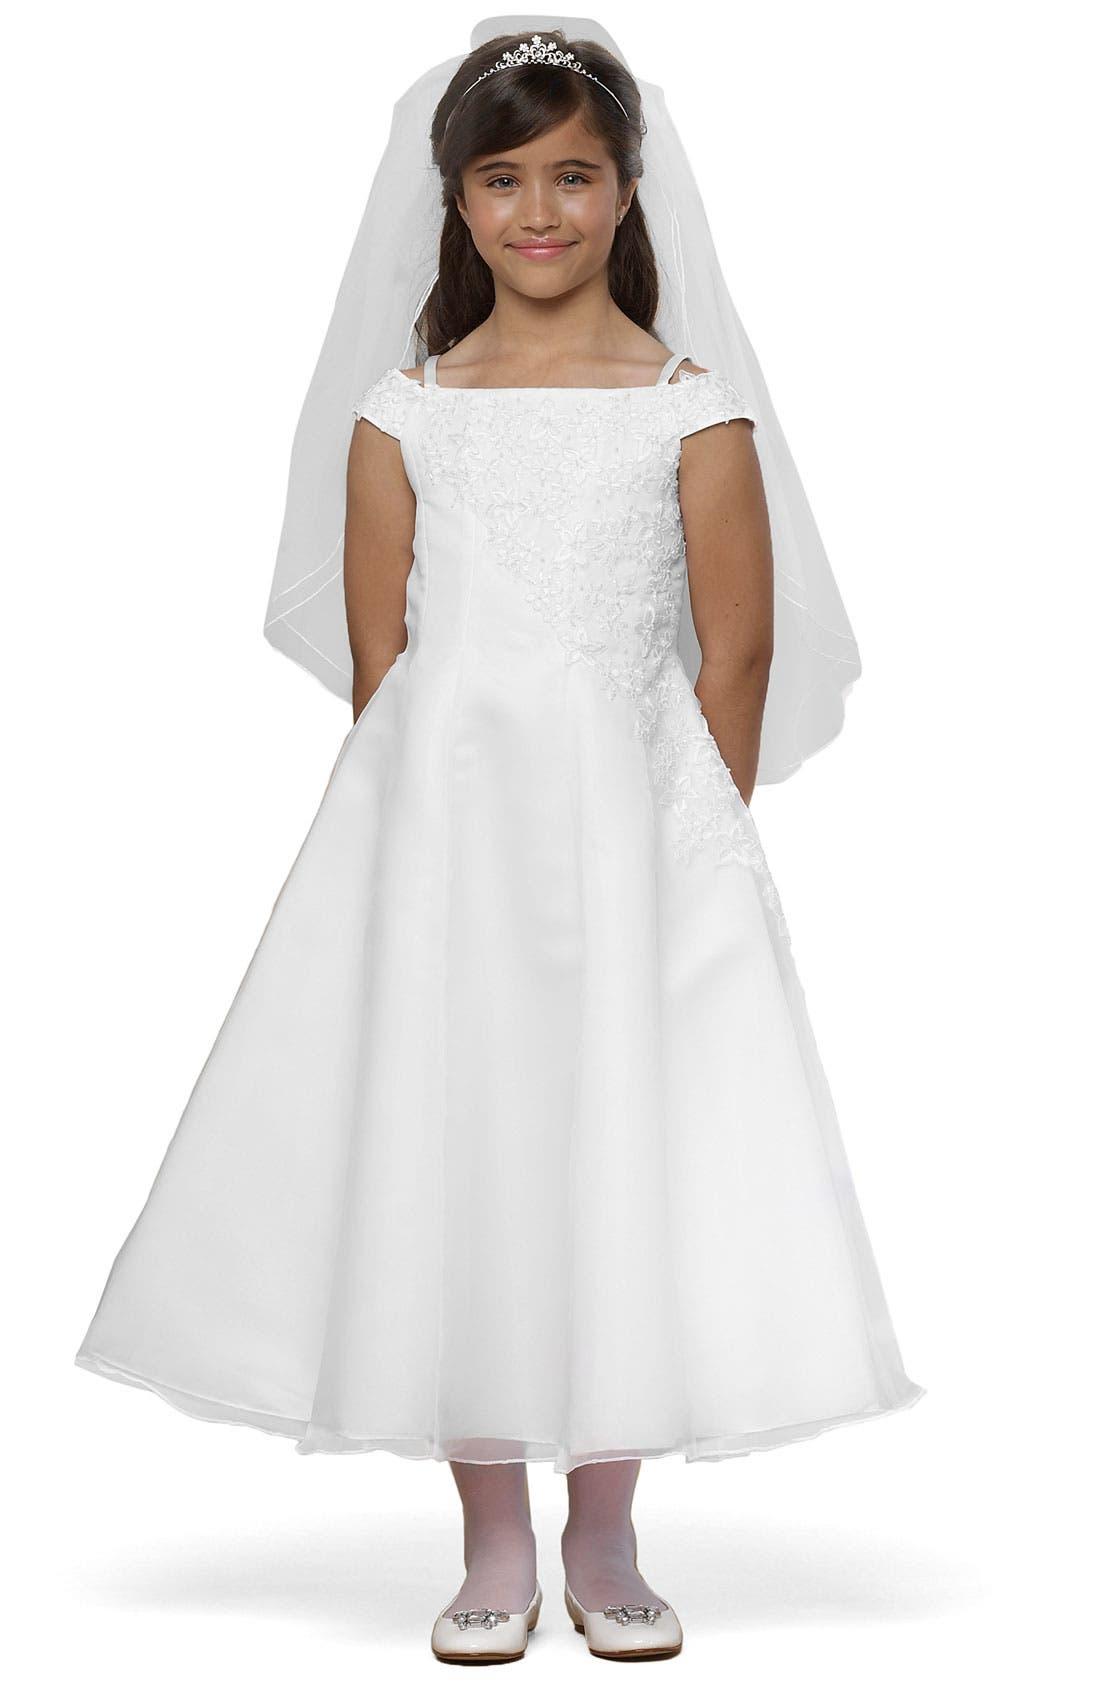 Alternate Image 1 Selected - Us Angels Off Shoulder Organza Dress (Little Girls, Big Girls & Big Girls Plus)